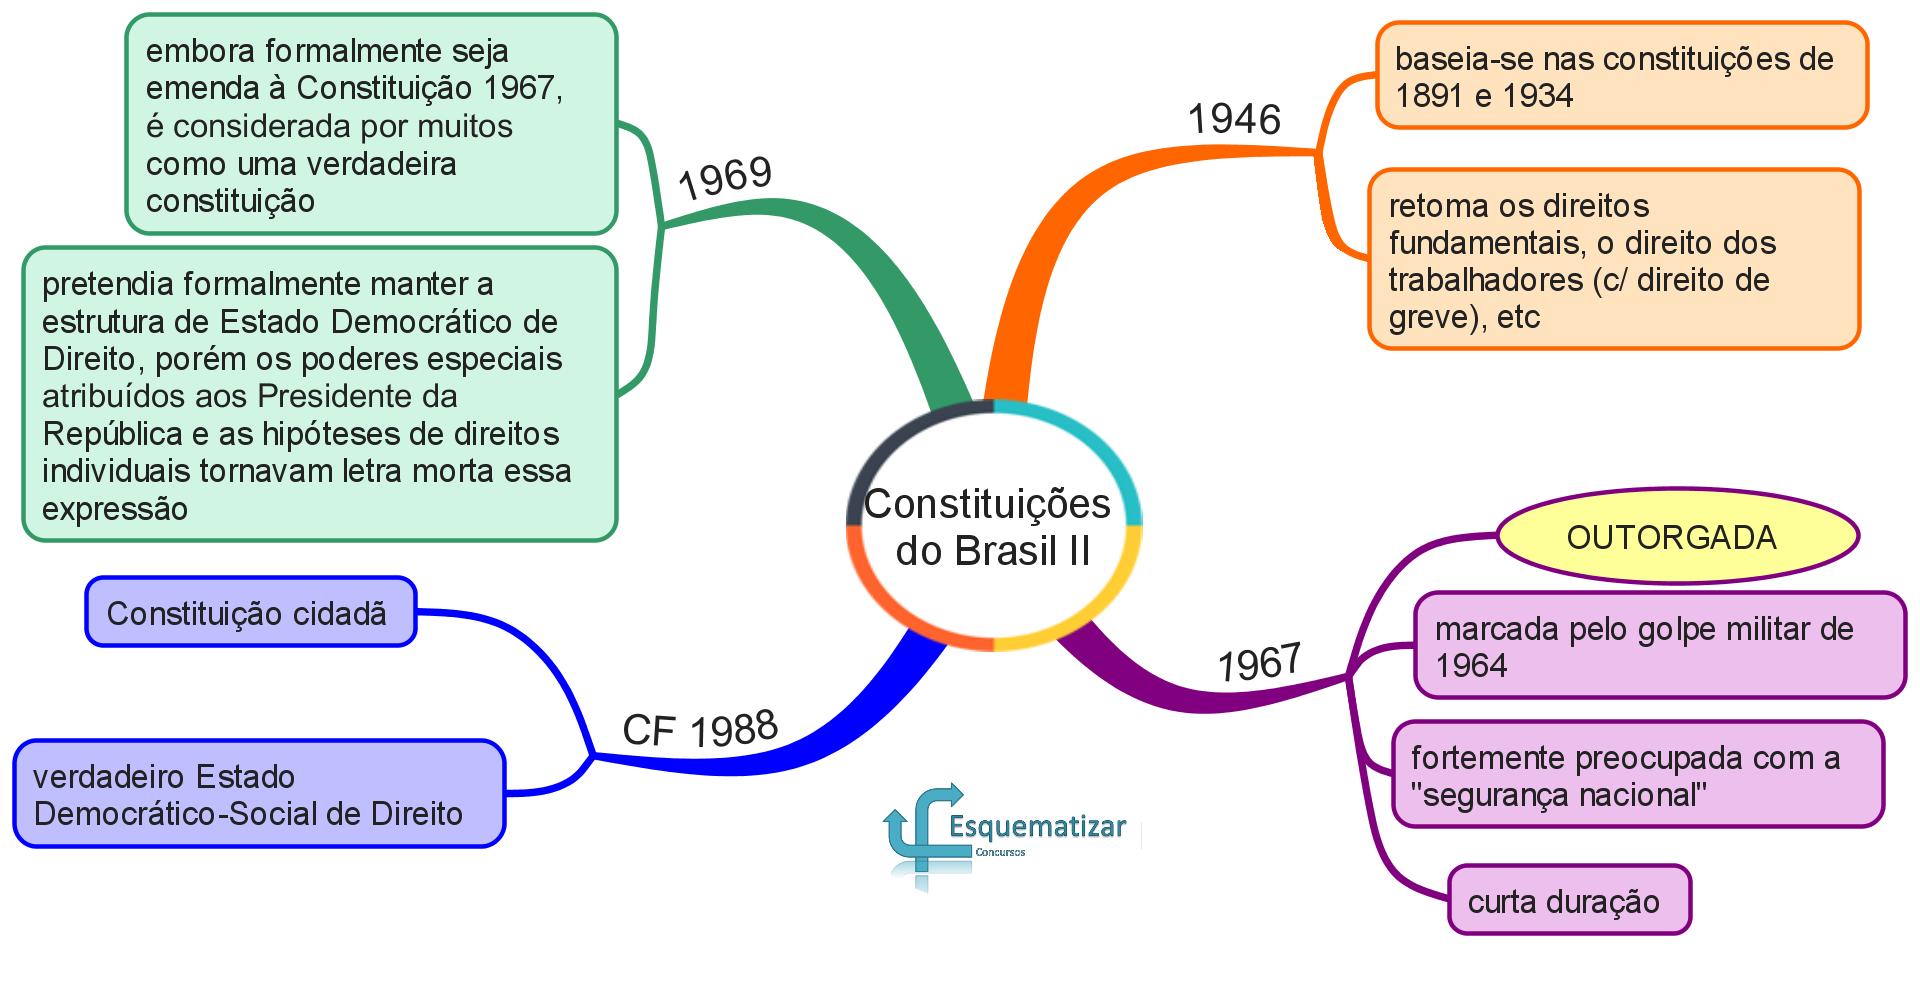 Constituições do Brasil II